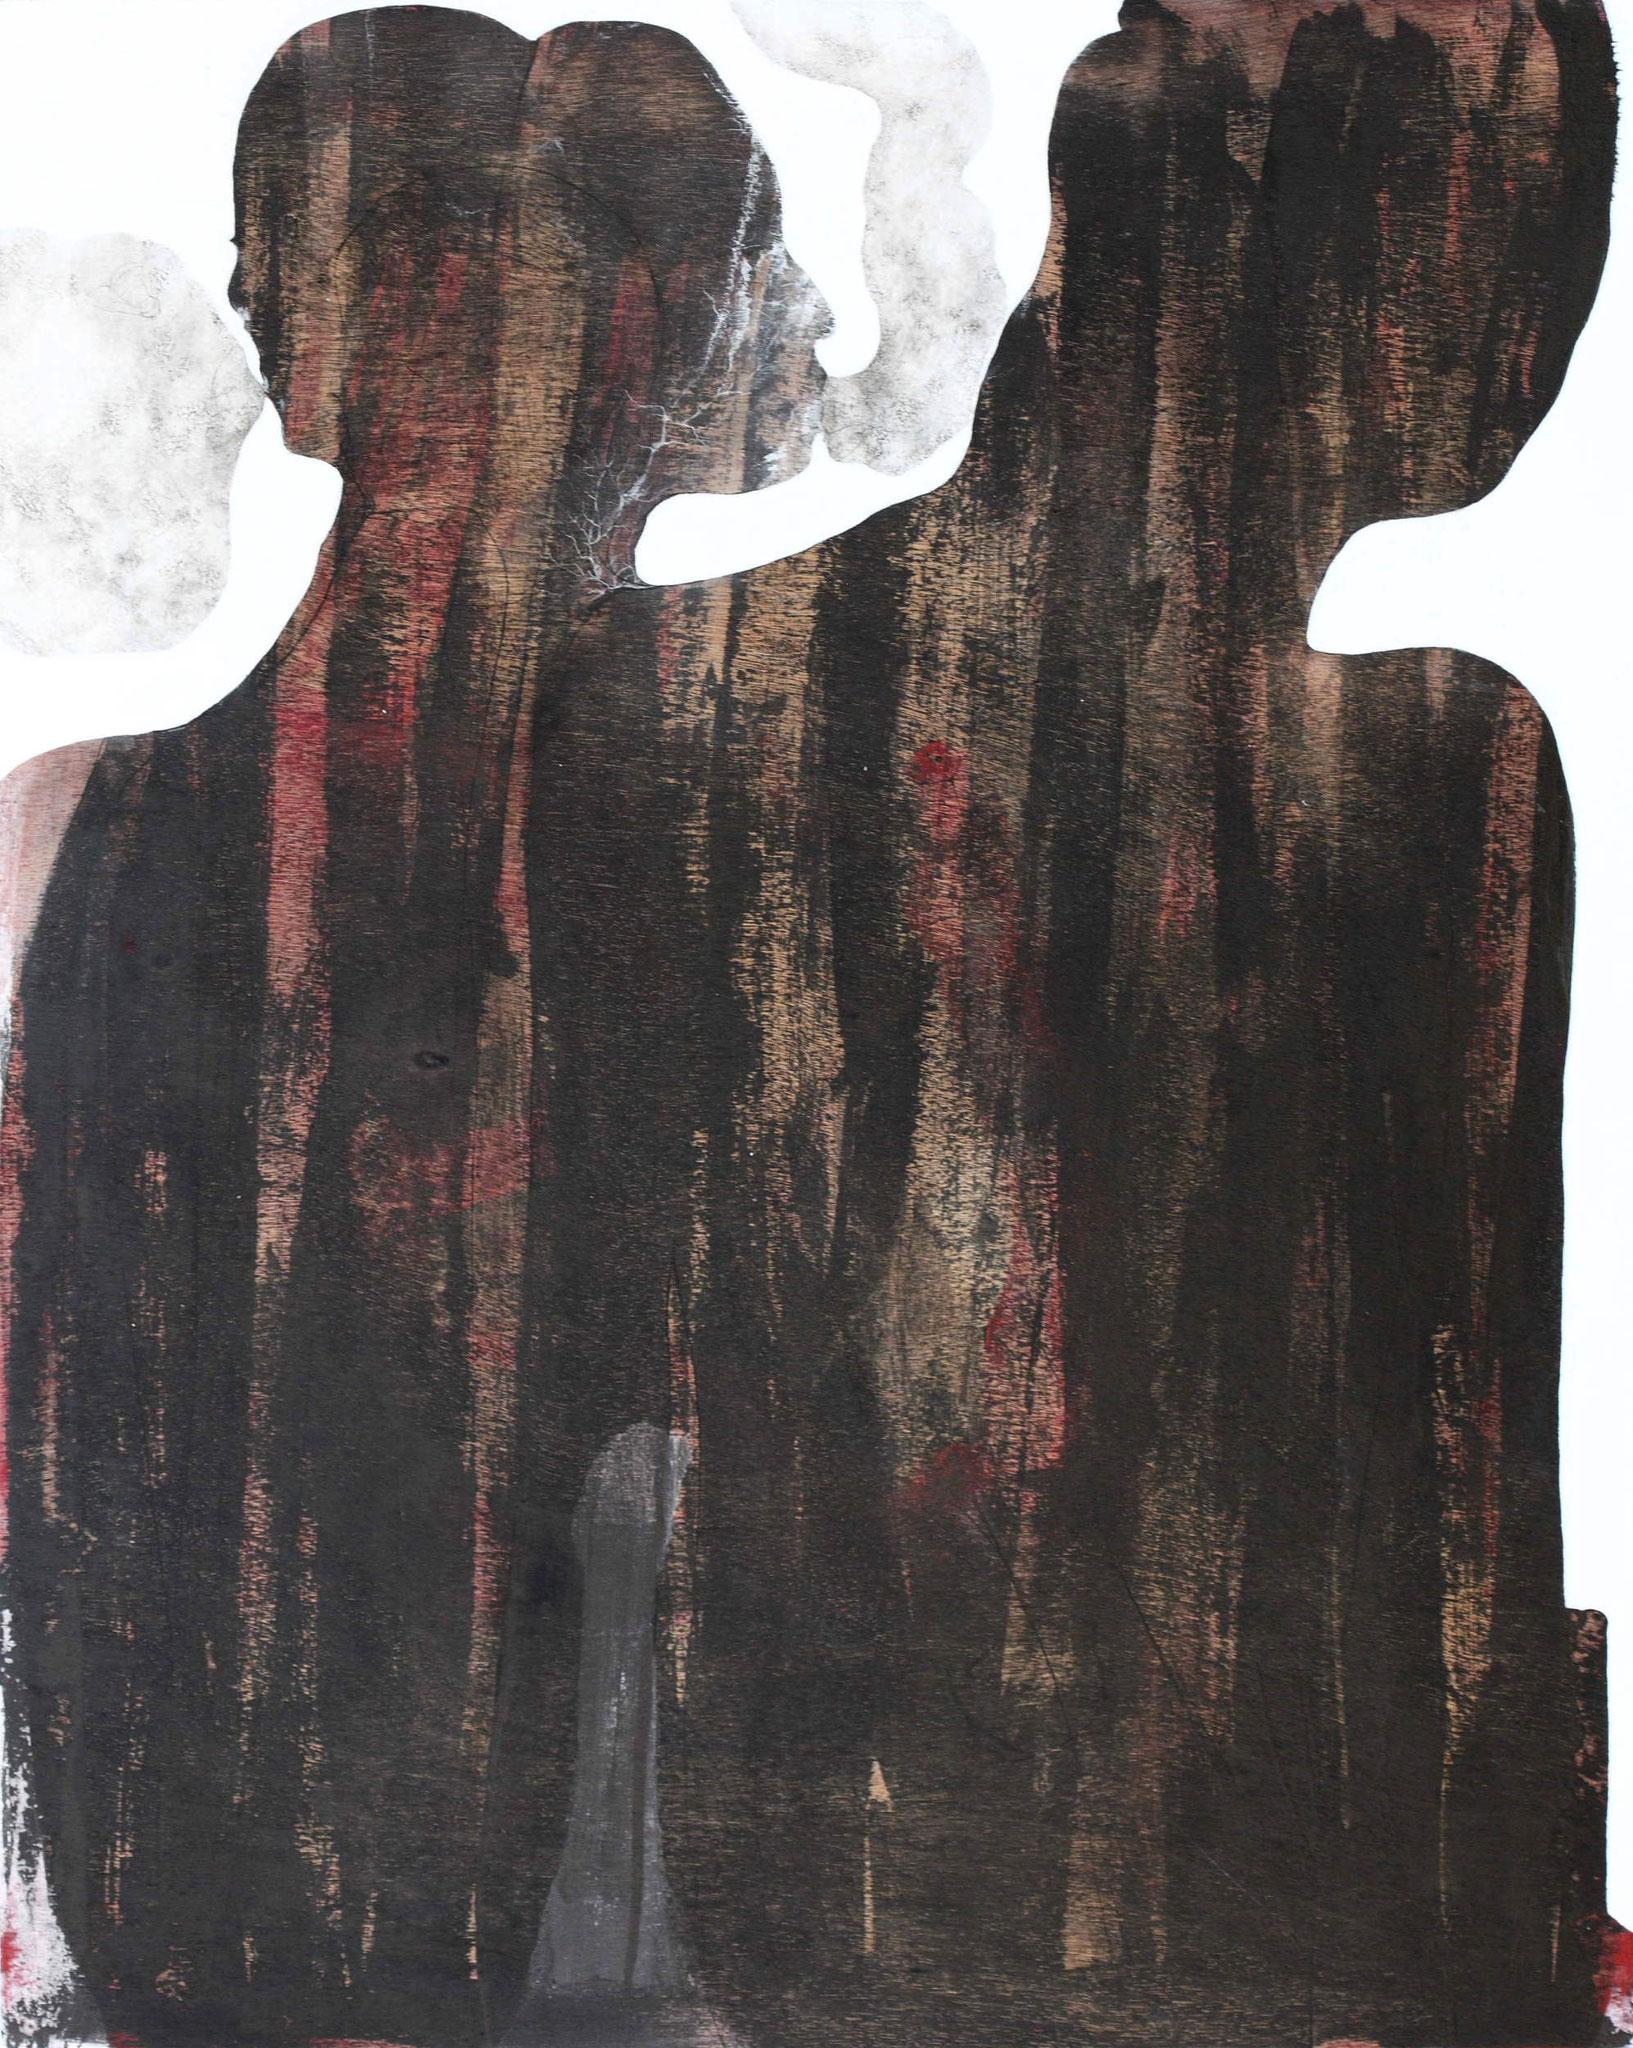 Nuées - 2018 - encre et acrylique sur bois hauteur 100 cm - largeur 80 cm - Oeuvre de Pascal Jacquet